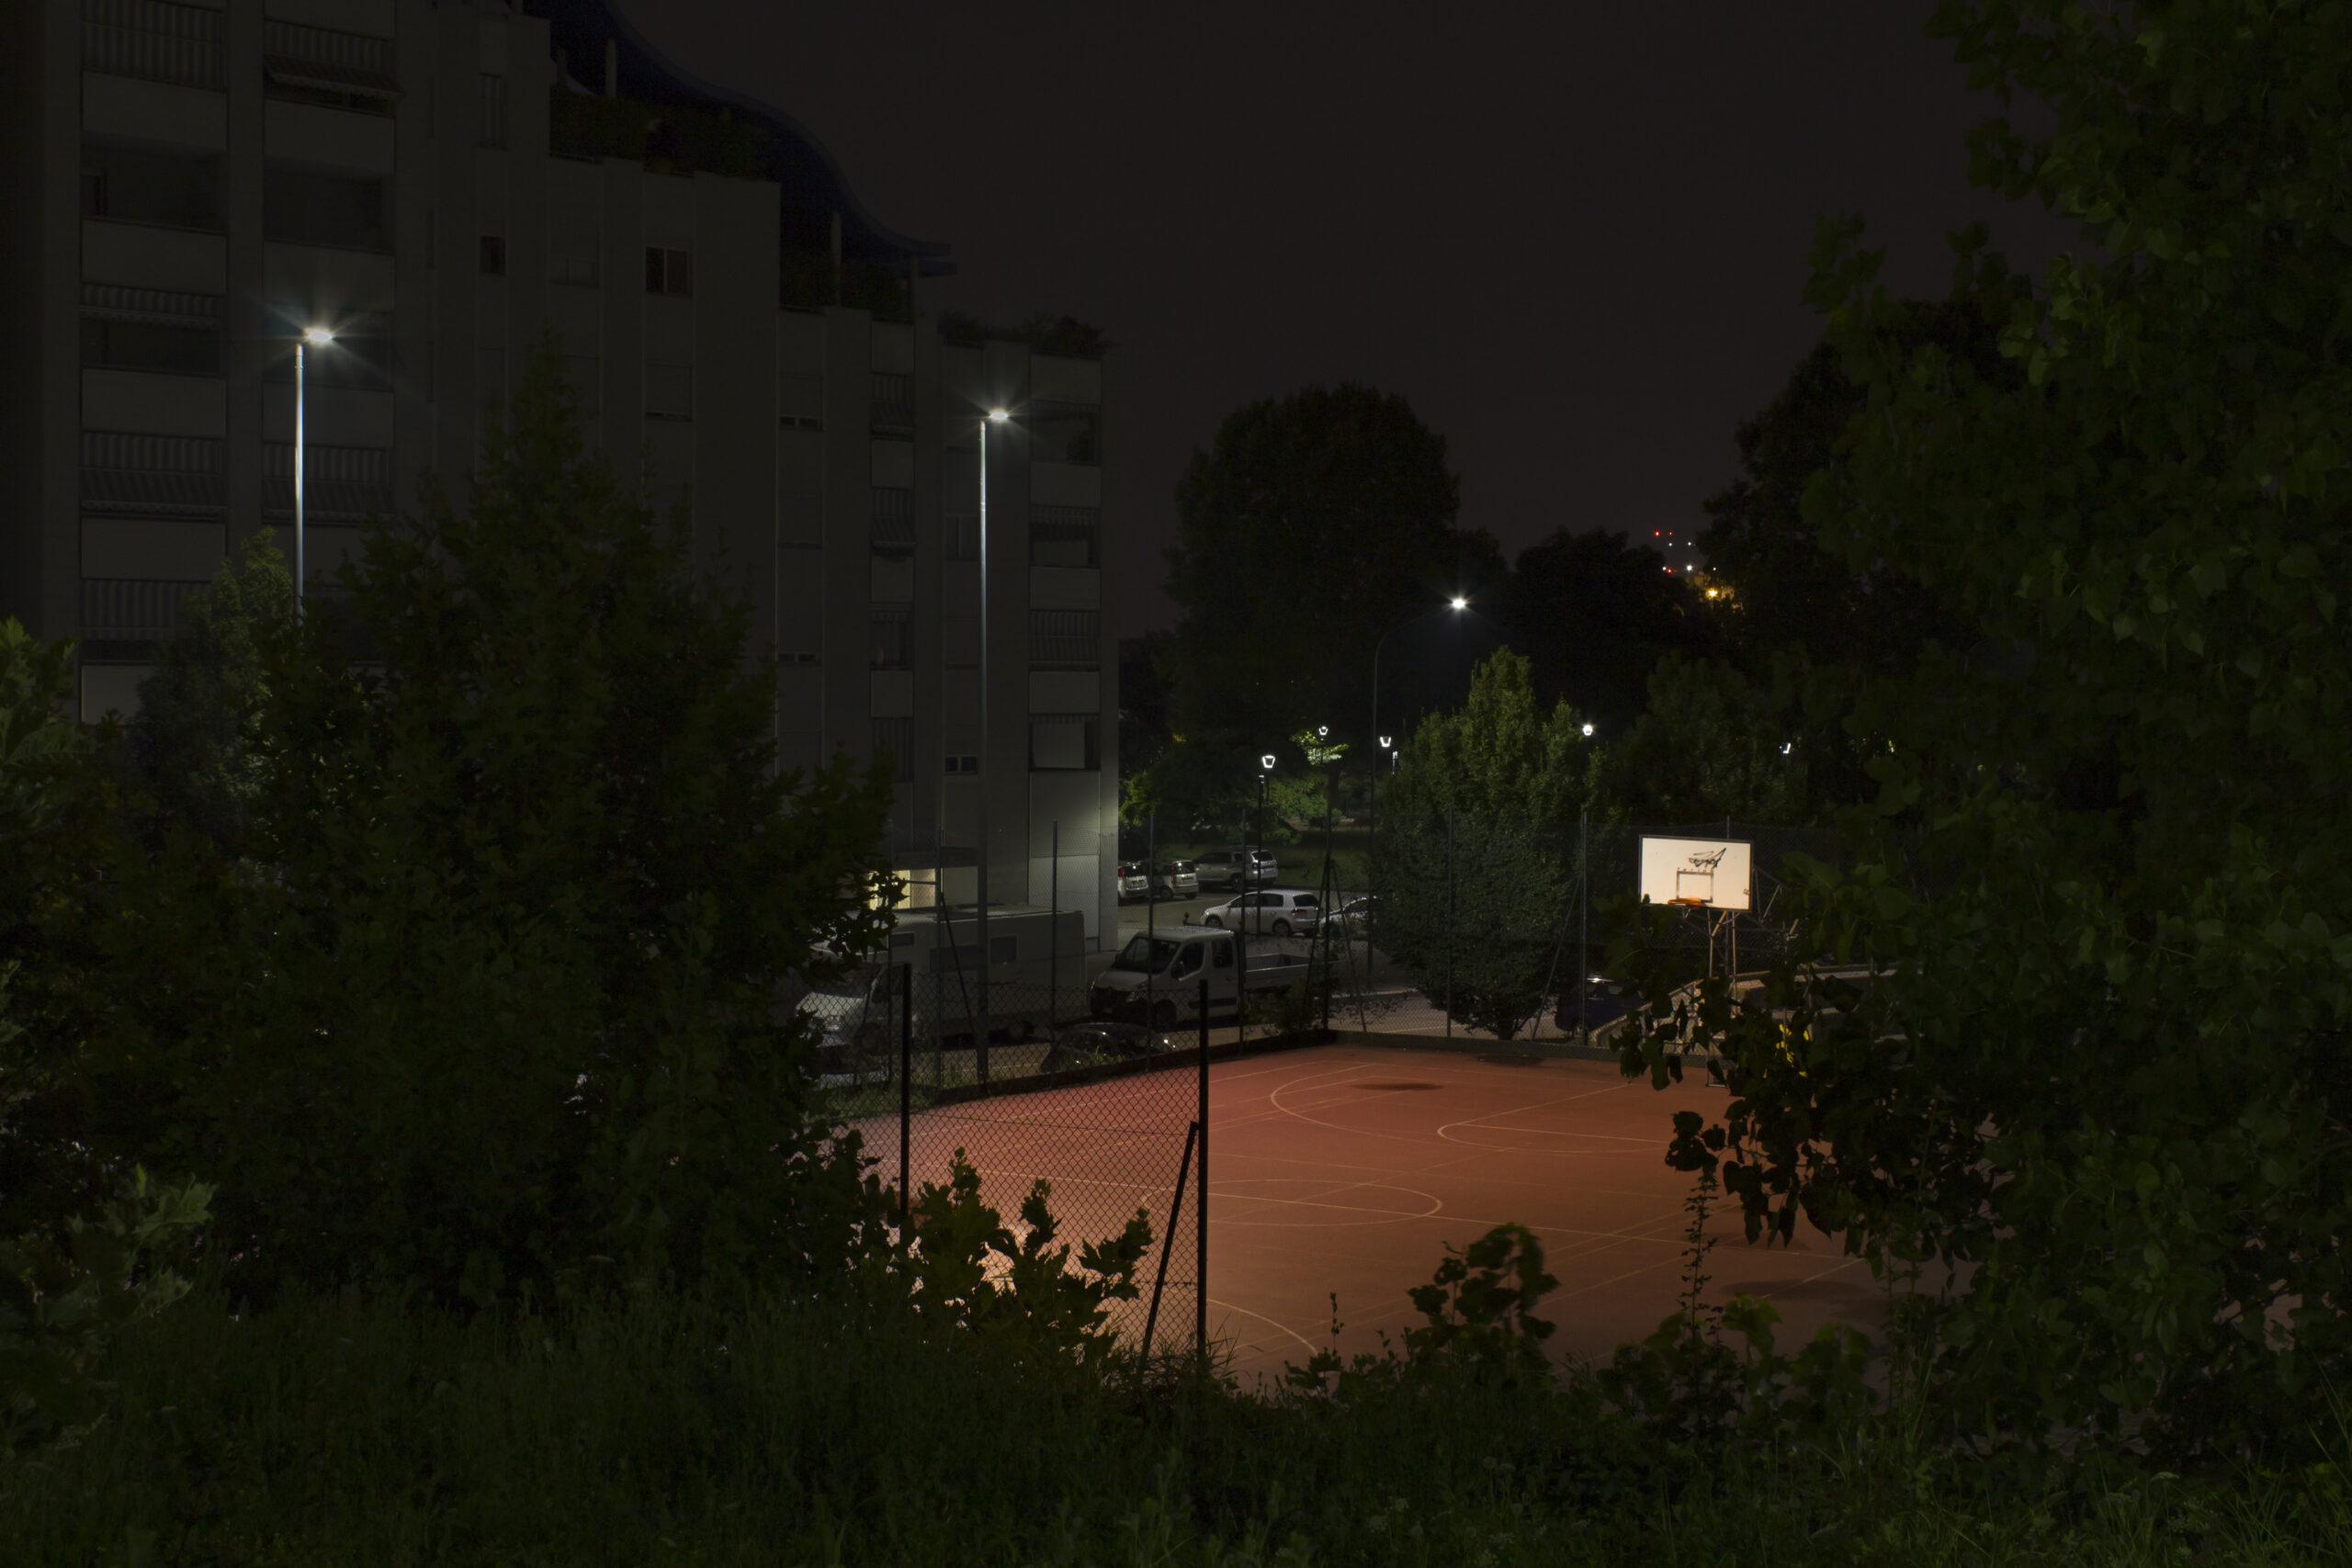 Architettura di notte a Torino Spina 3 Corso Rosselli